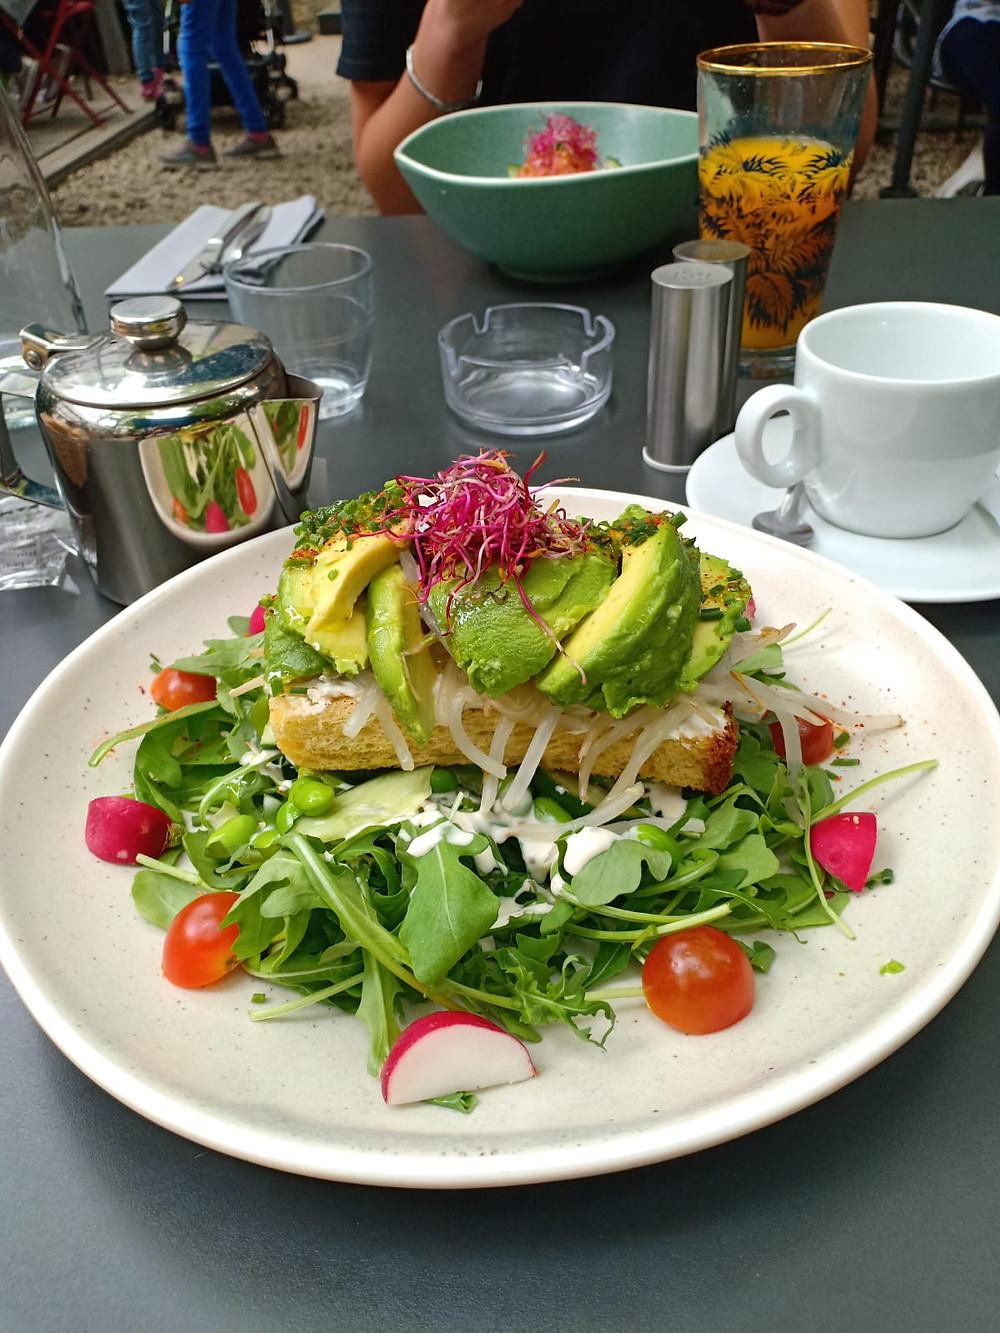 Avocado-Toast-Brunch-Café-A-Gare-de-l-est-paris-10-emeIBrunchParis-Gare-De-l'estCanalStmartin